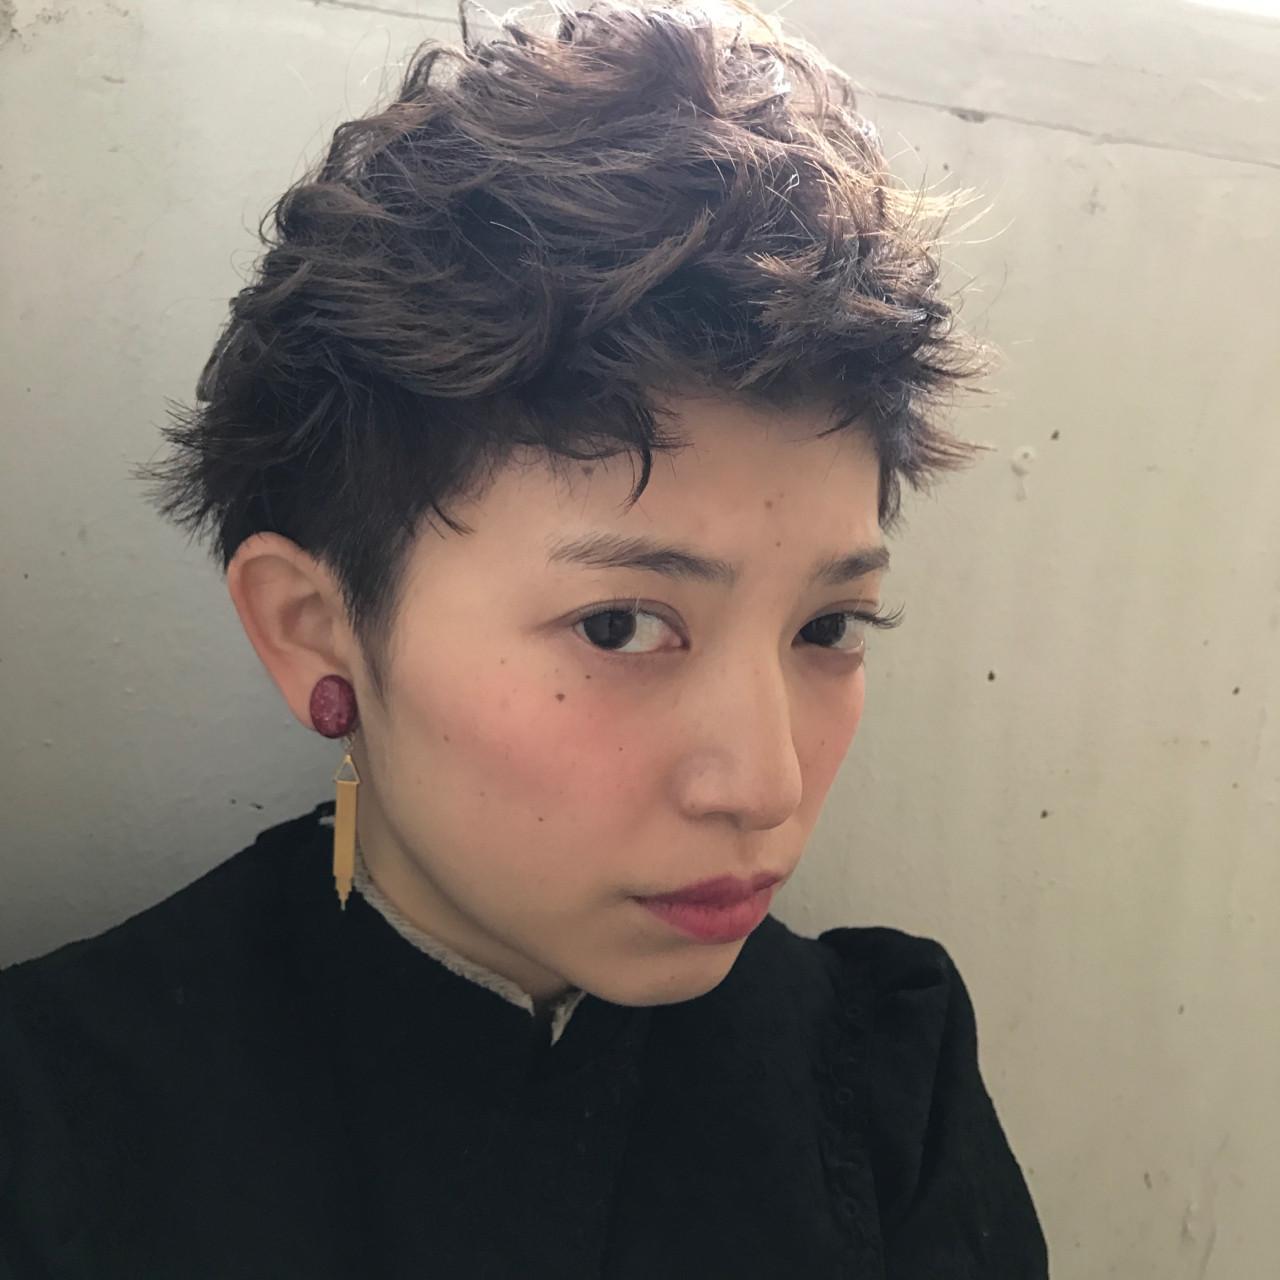 メンズ 髪型 パーマ ツーブロック ロング